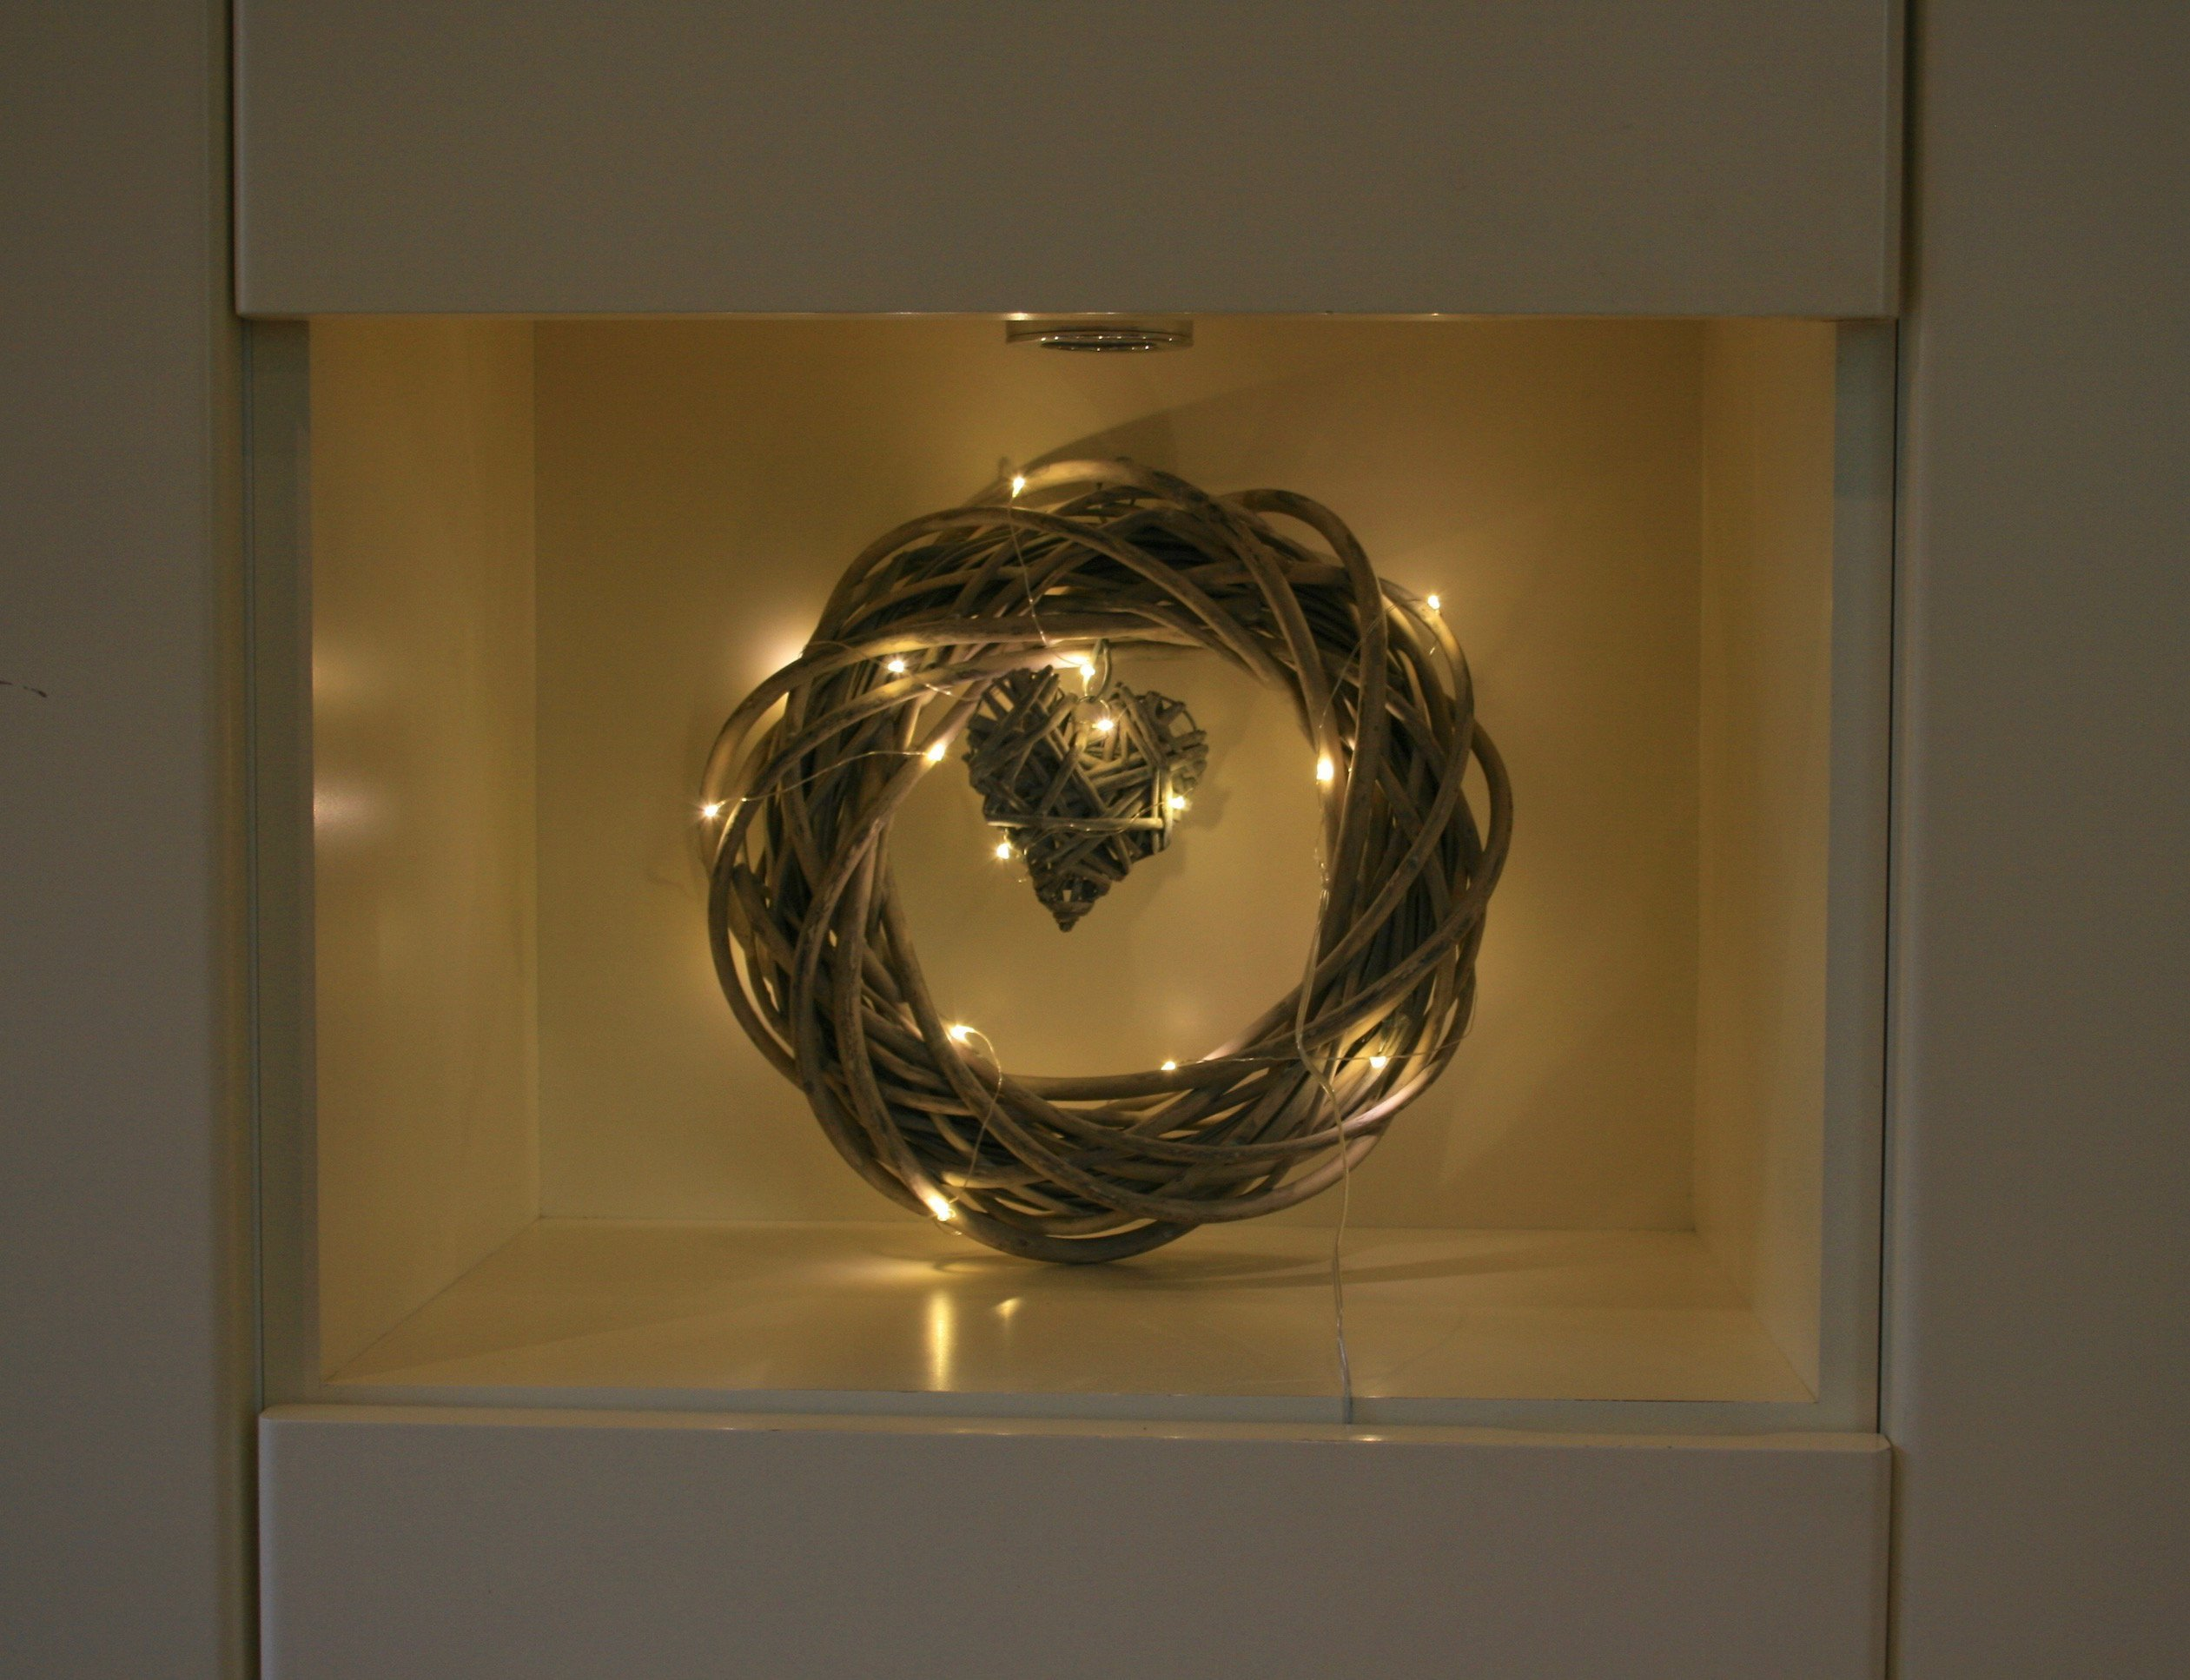 Ghirlanda di salice stile vintage con cuore pendente con